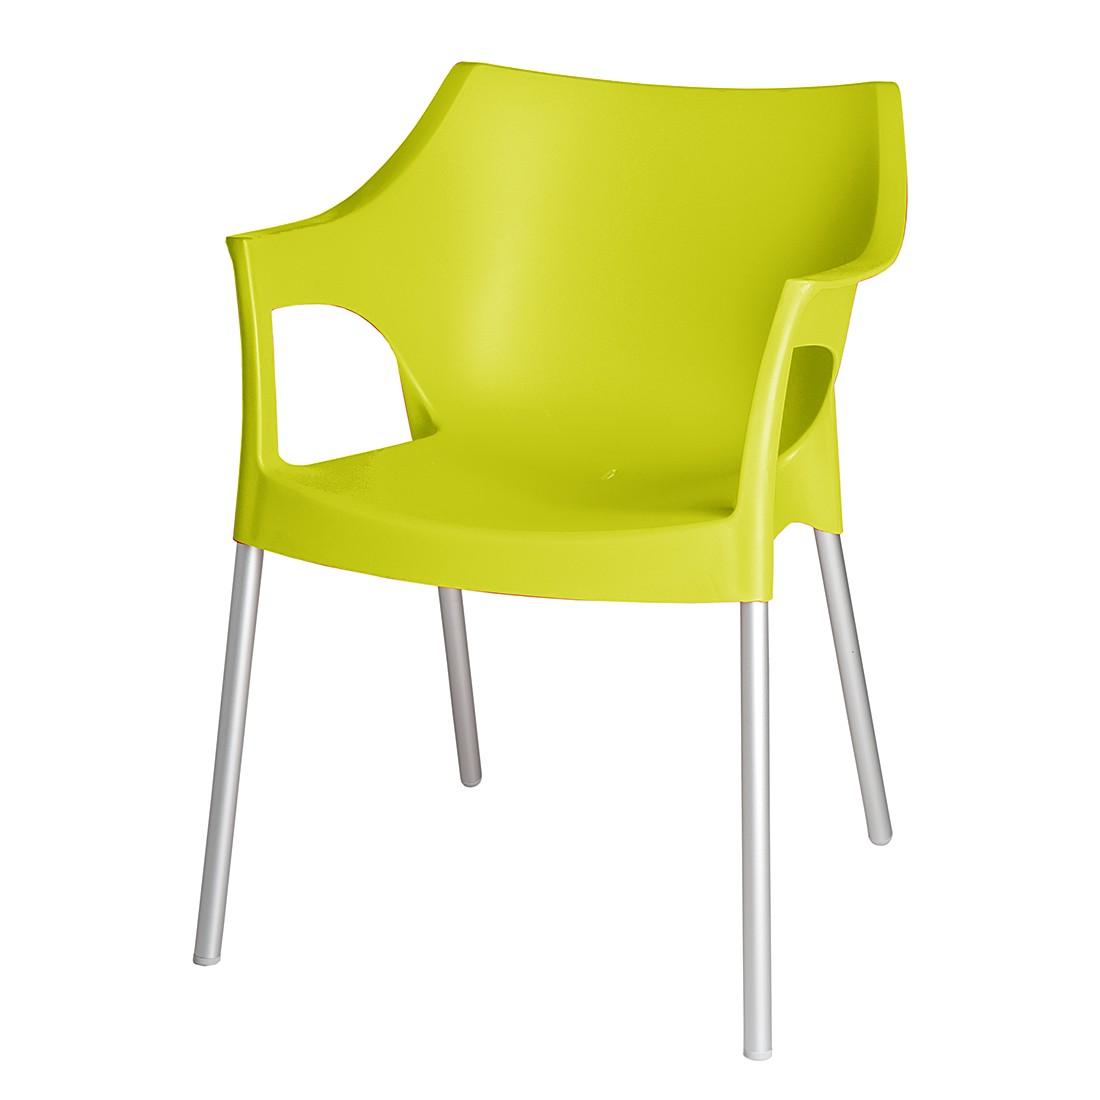 Super Blanke Design Armlehnenstuhl – für ein modernes Heim | Home24 UF77